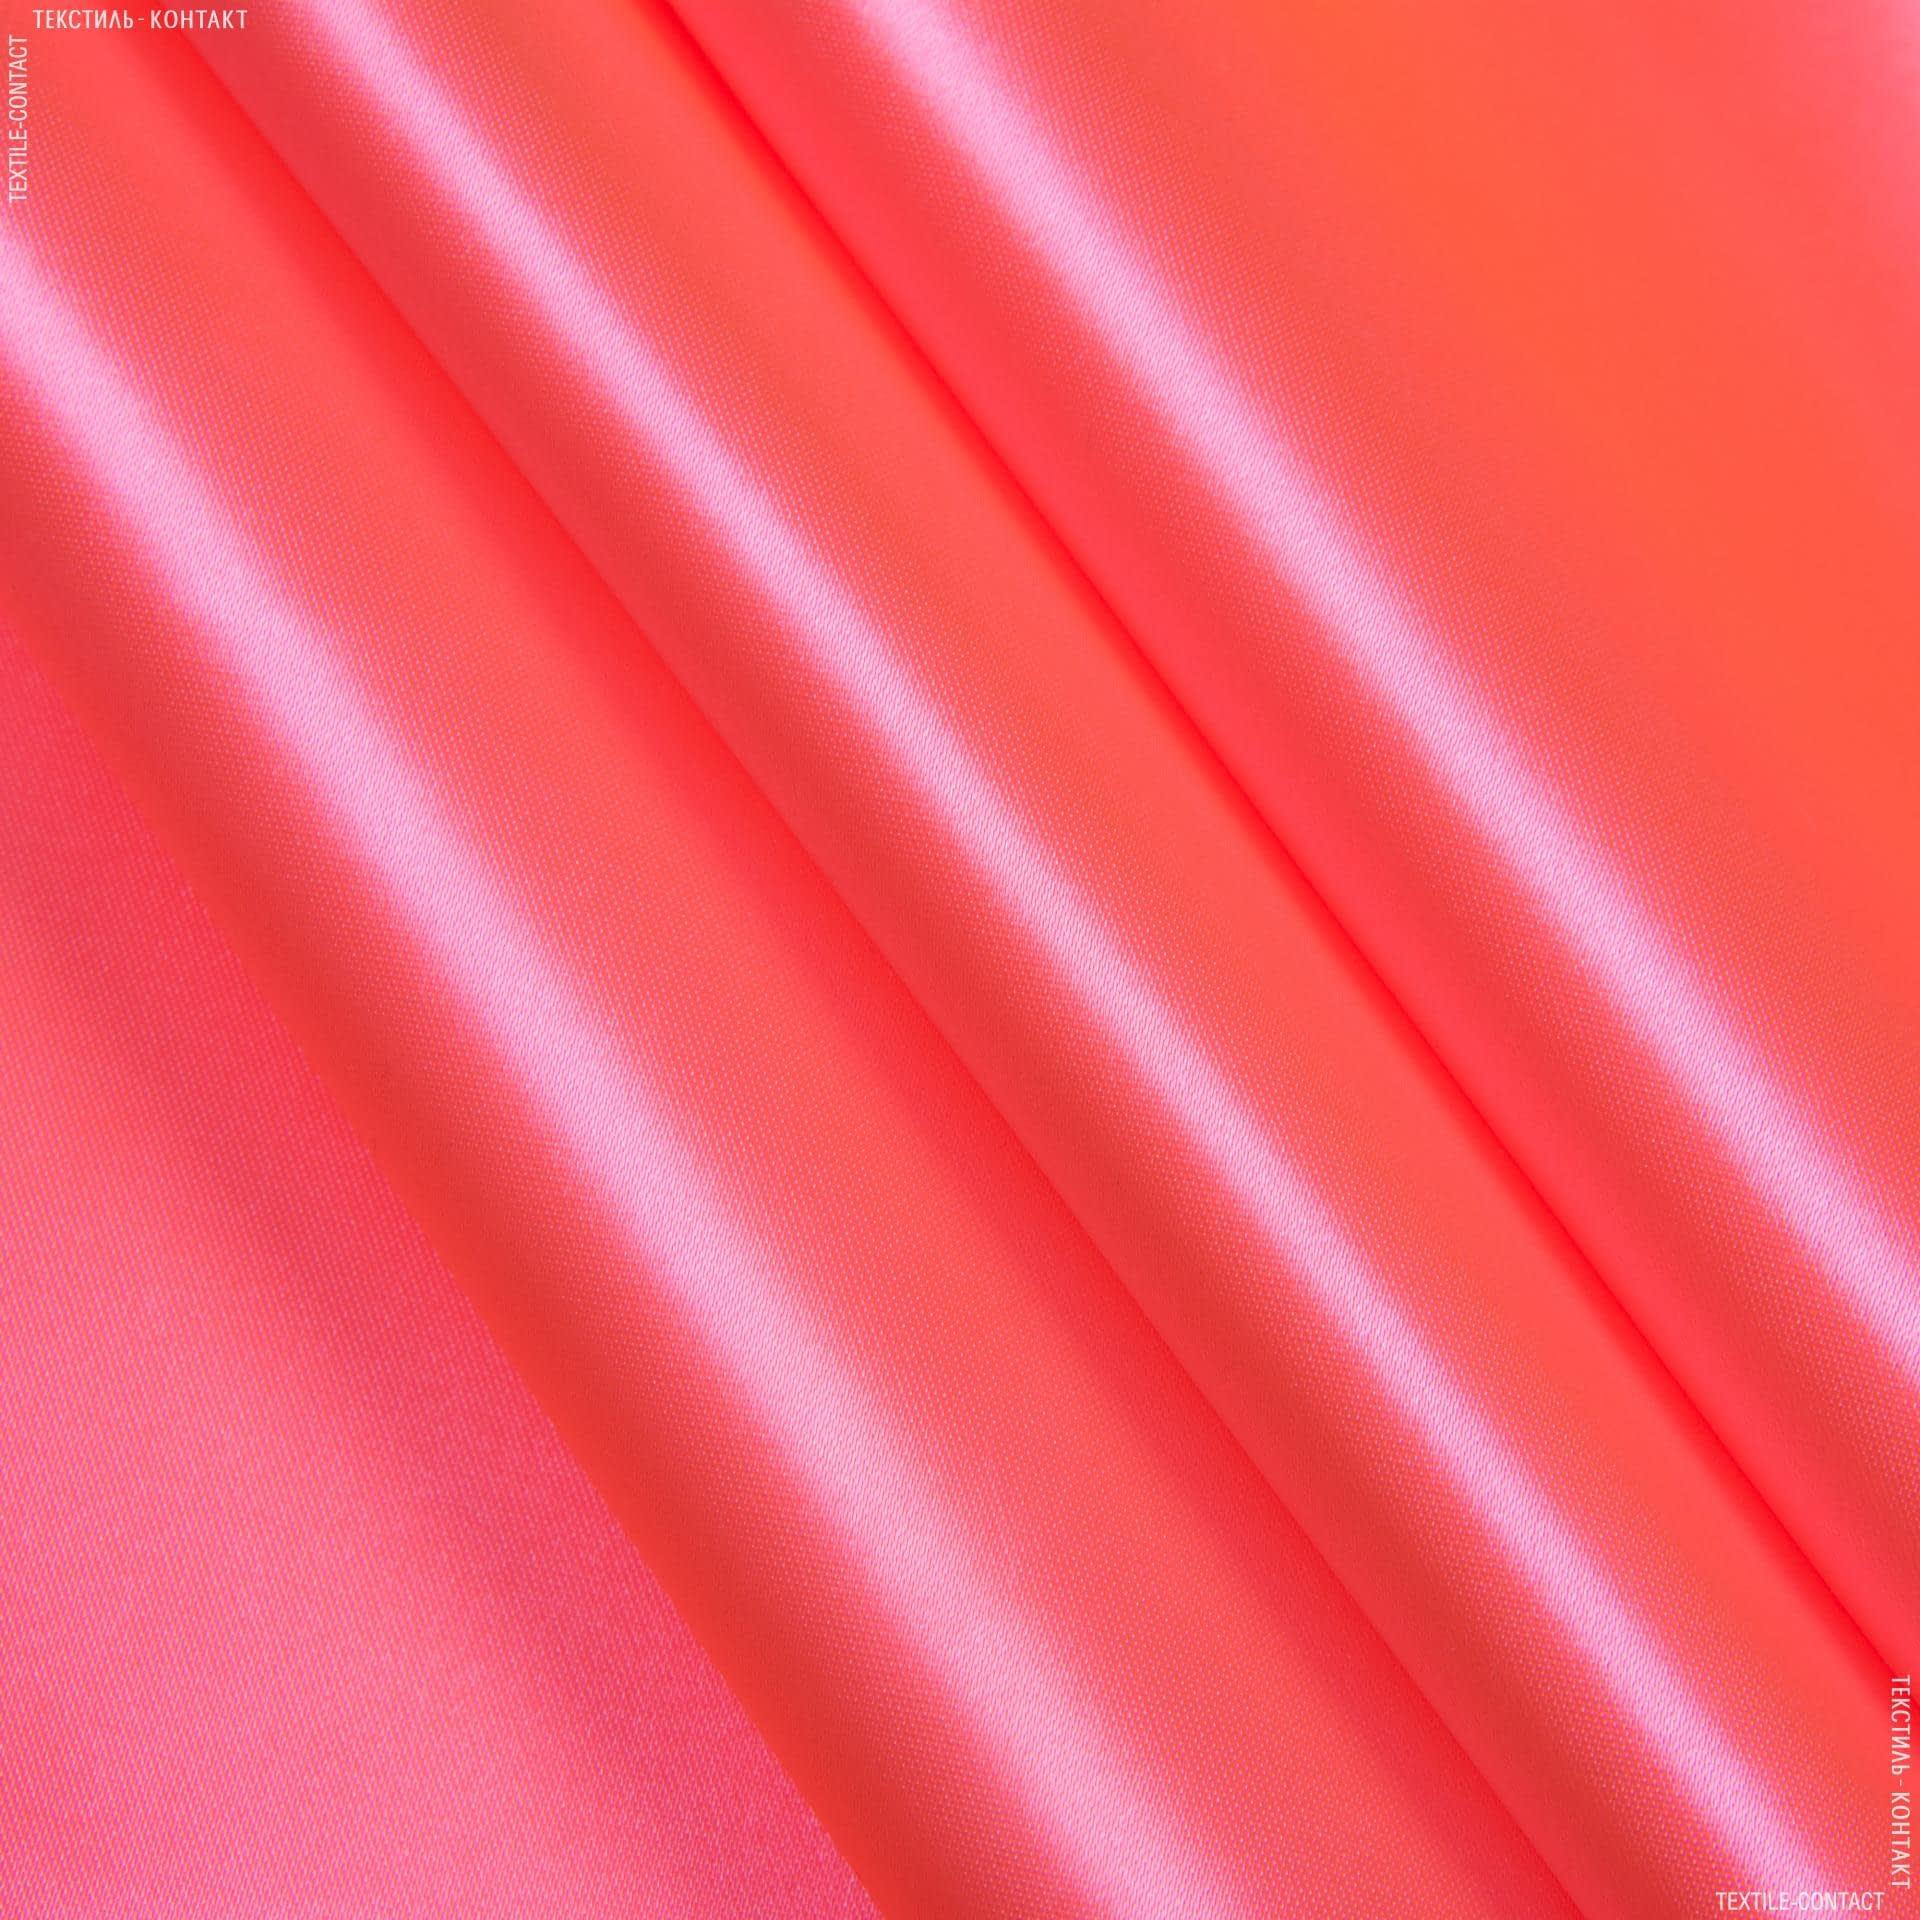 Ткани для костюмов - Атлас плотный ярко-розовый